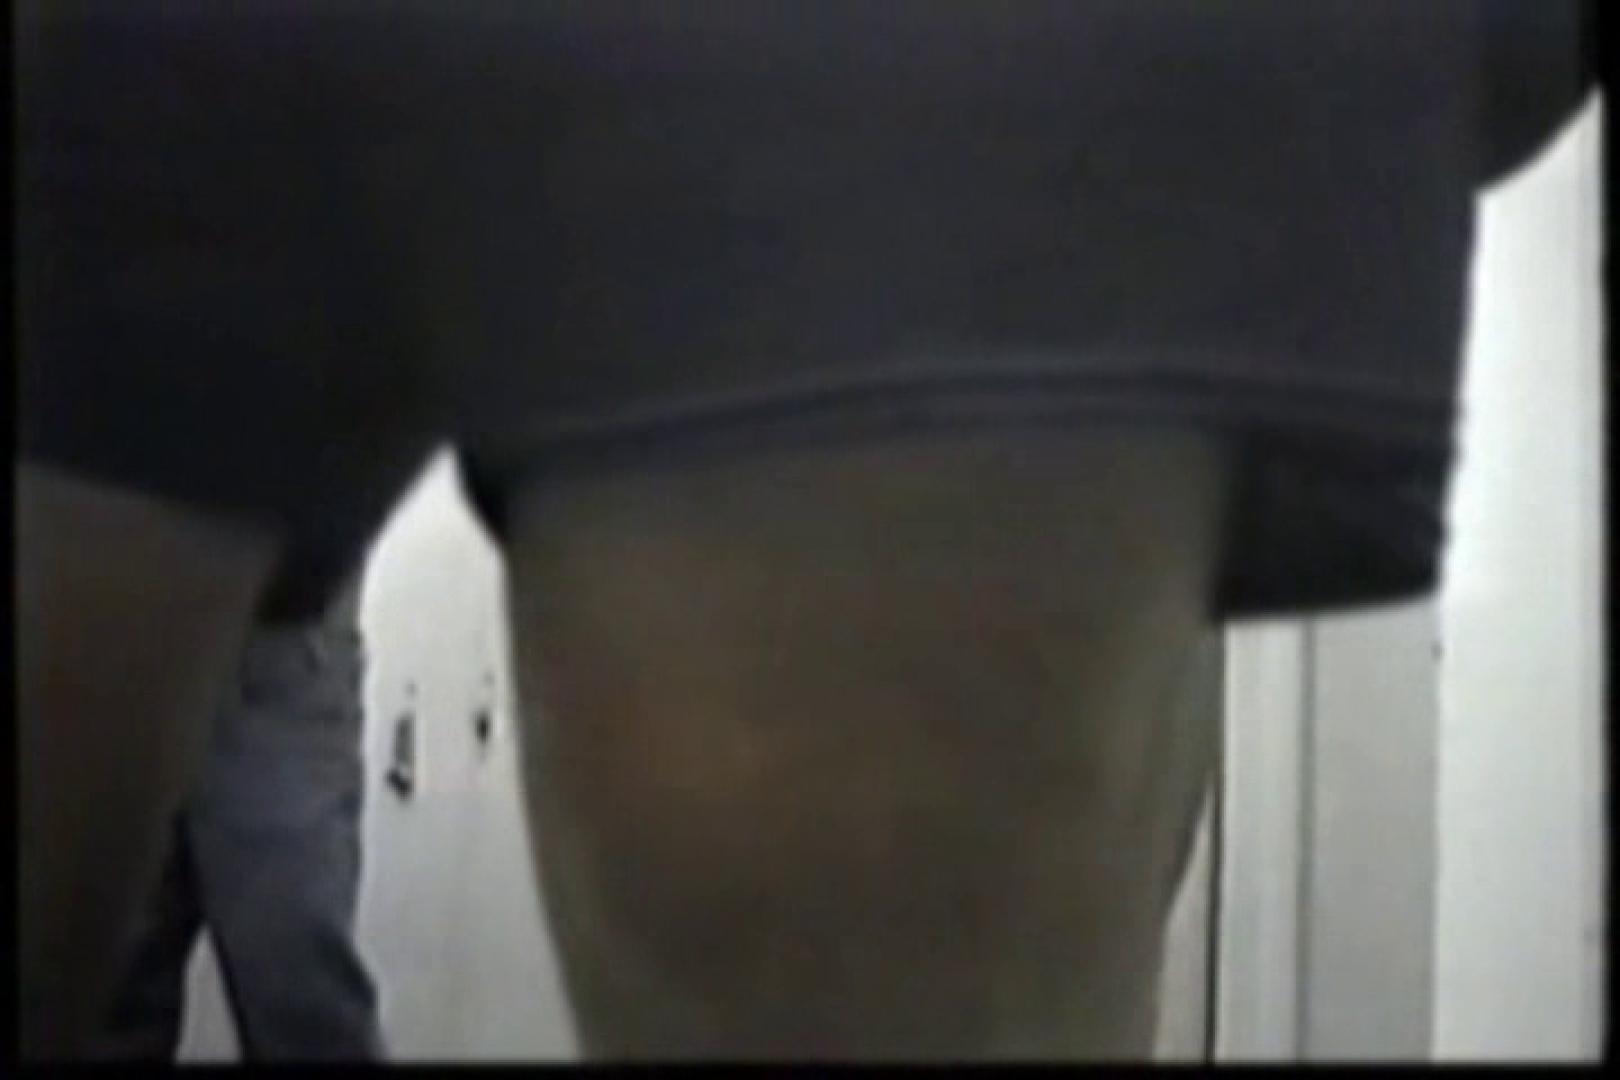 洋人さんの脱衣所を覗いてみました。VOL.8 ガチムチマッチョ系男子  62枚 8